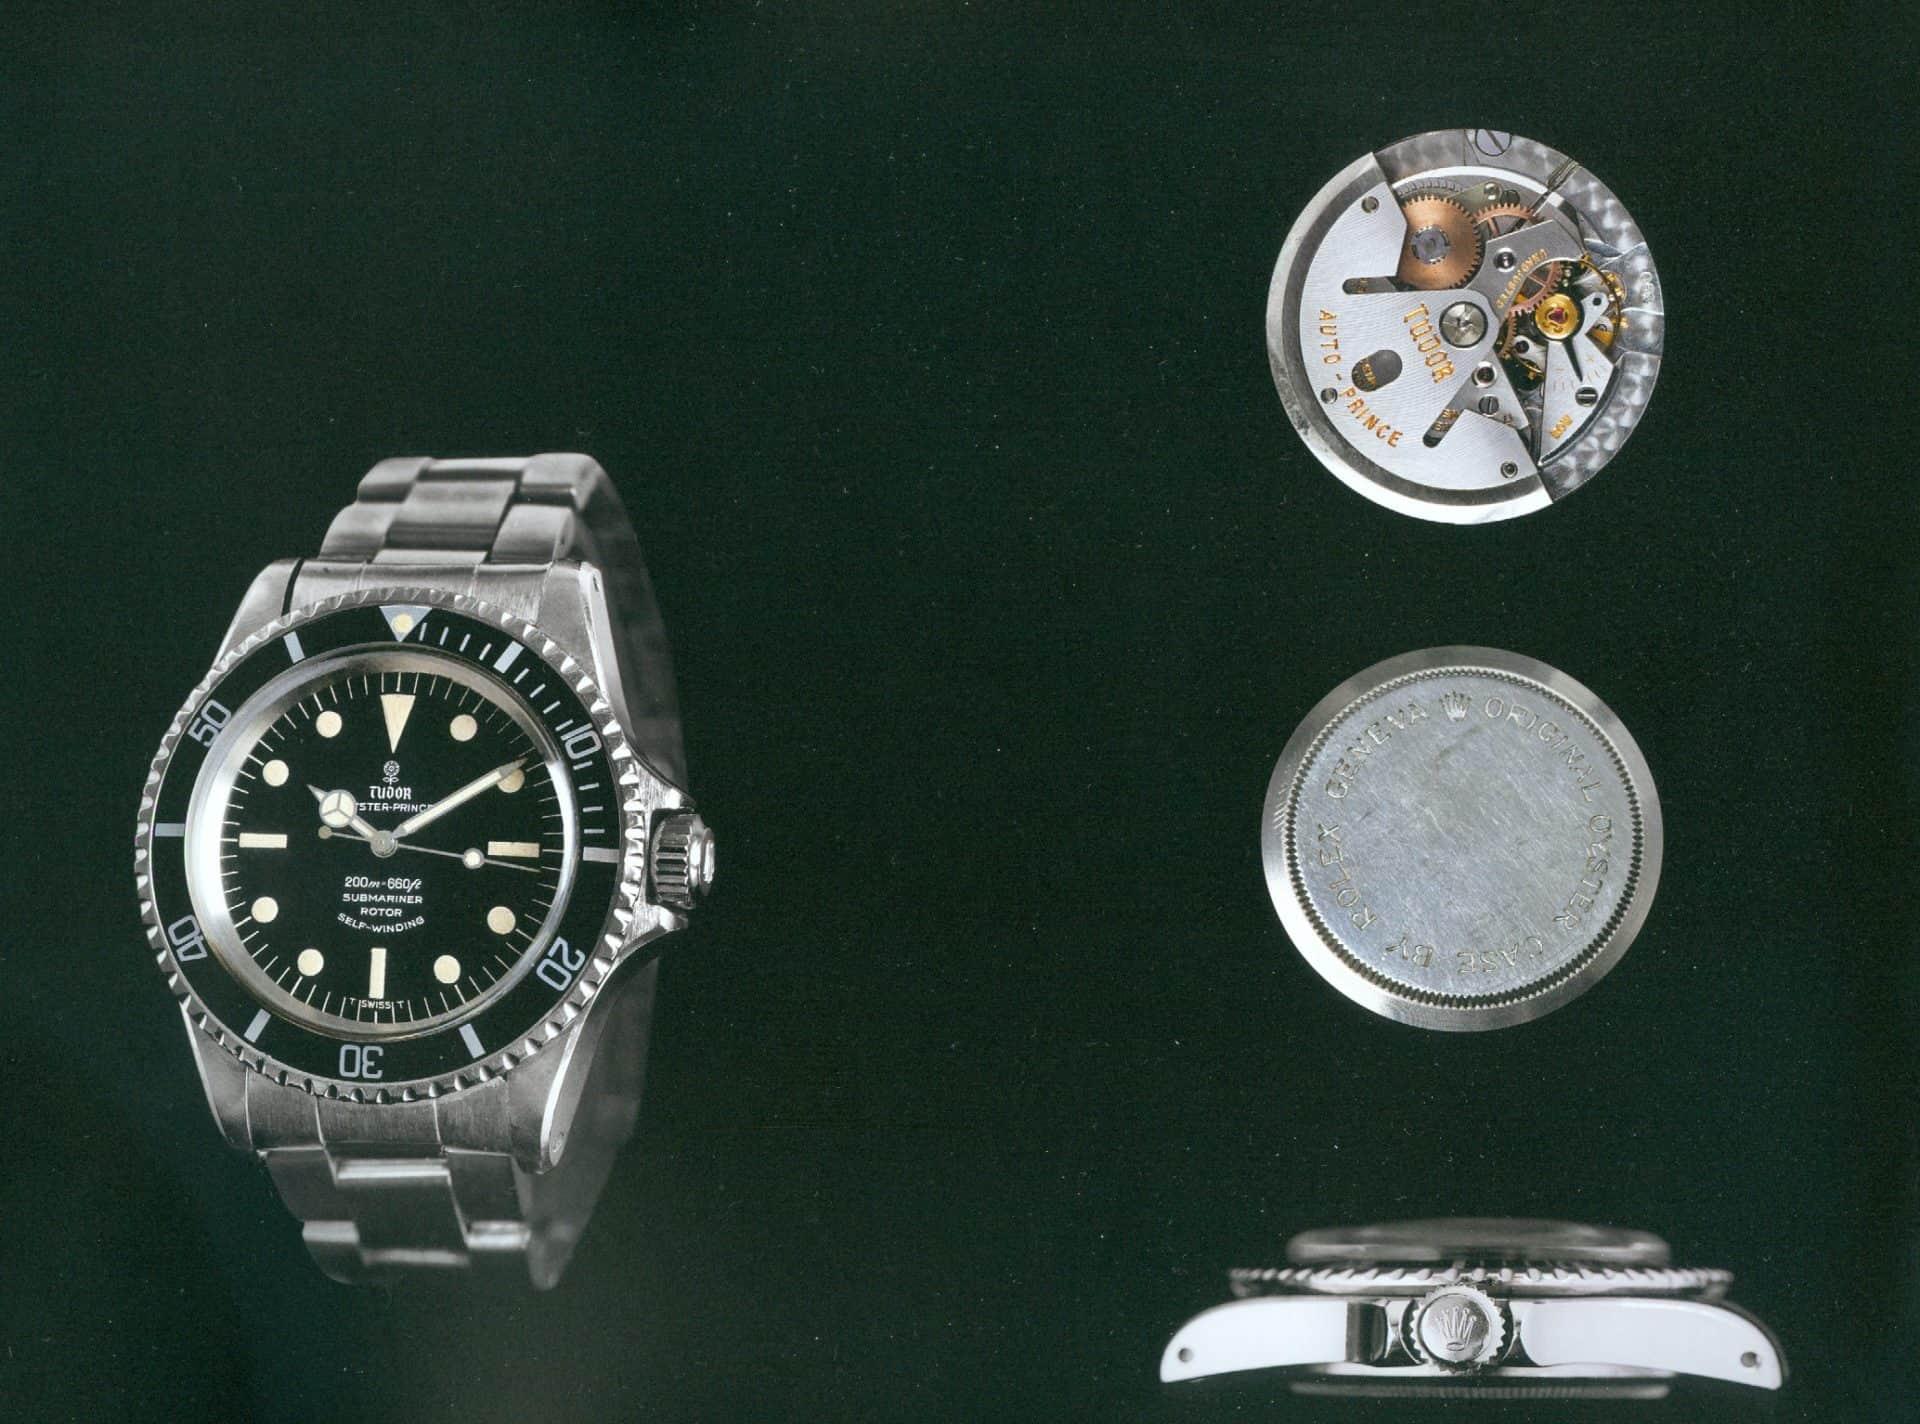 Von Sammlern sehr gesucht - die Tudor Referenz 7928 ab dem Jahr 1967